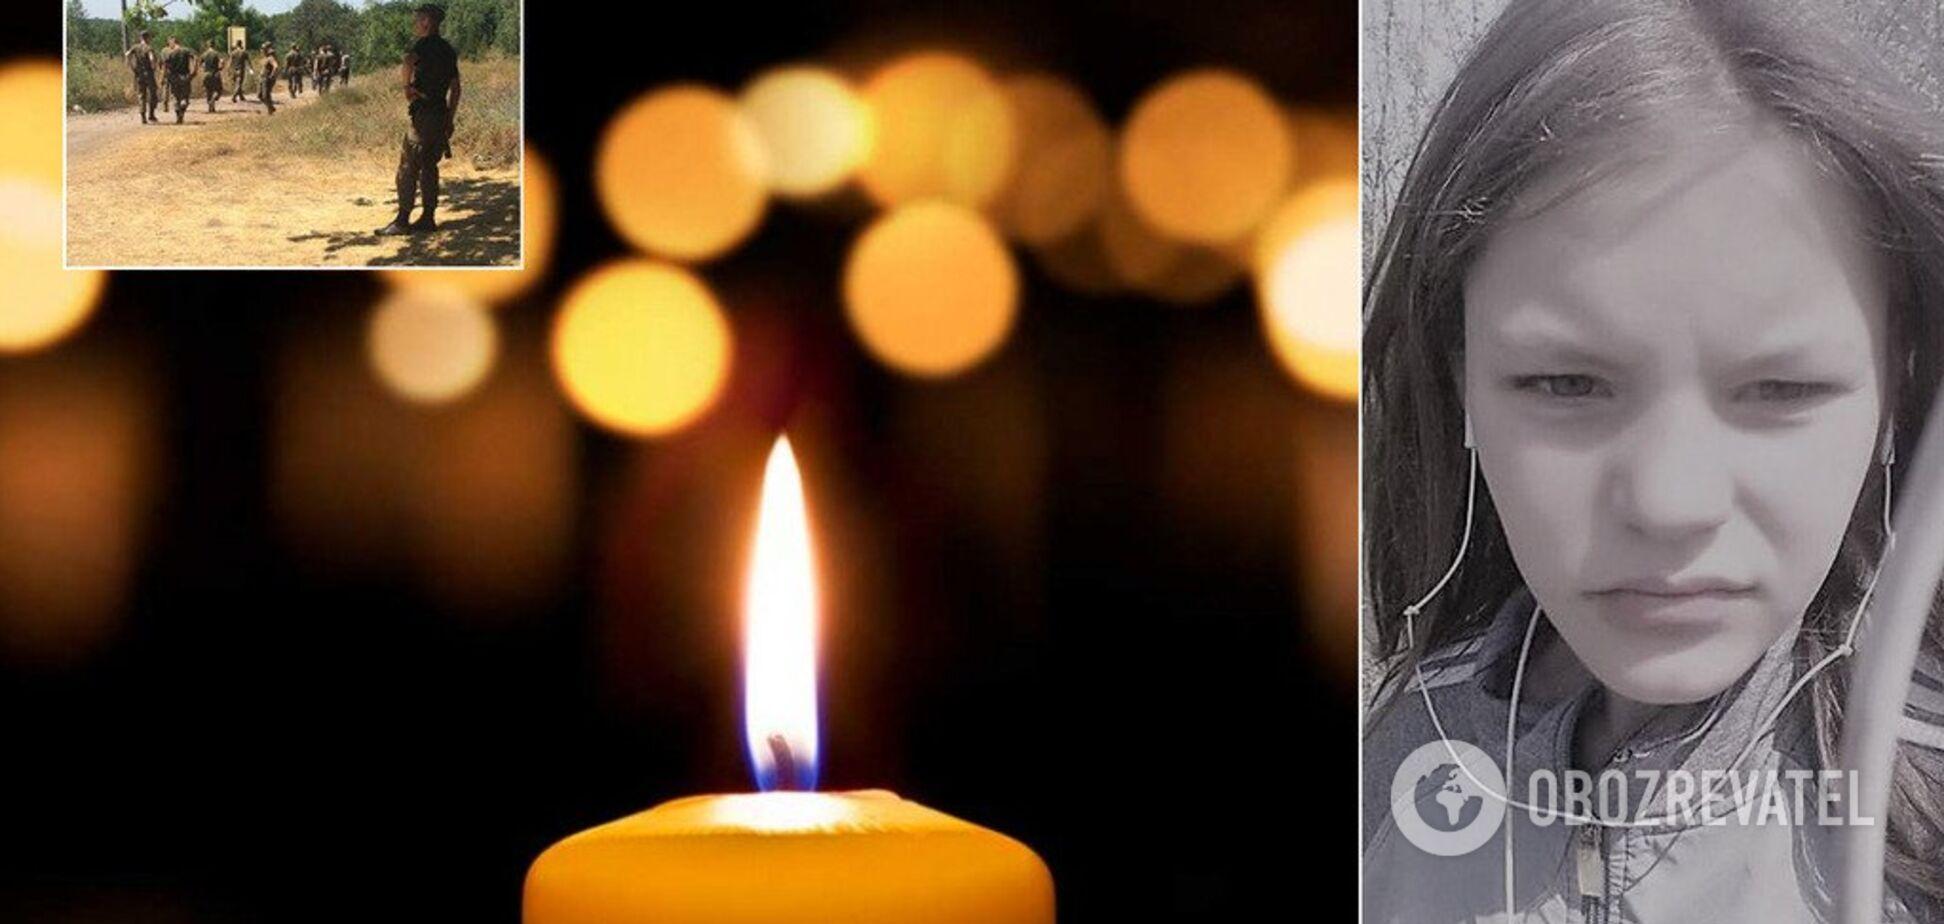 Родители вспомнили о ней через неделю: под Днепром нашли тело девочки